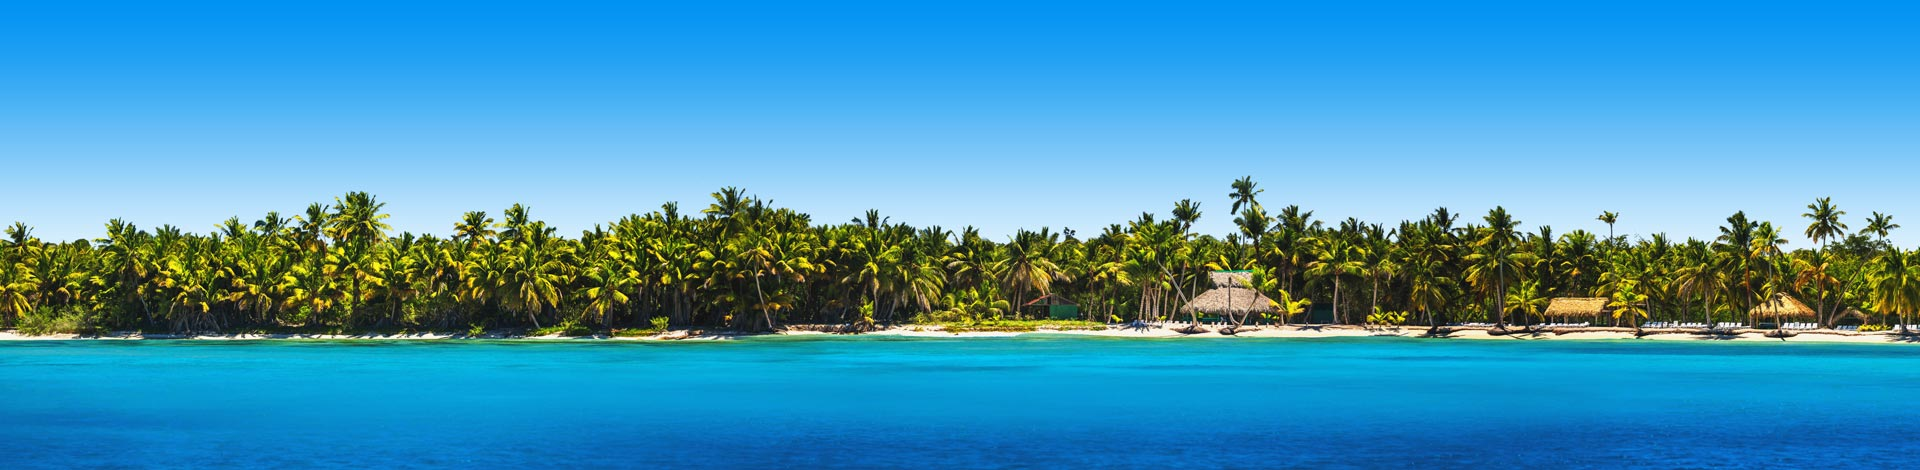 Strand vol met tropische palmbomen en een felblauwe zee aan de kust van de Dominicaanse Republiek